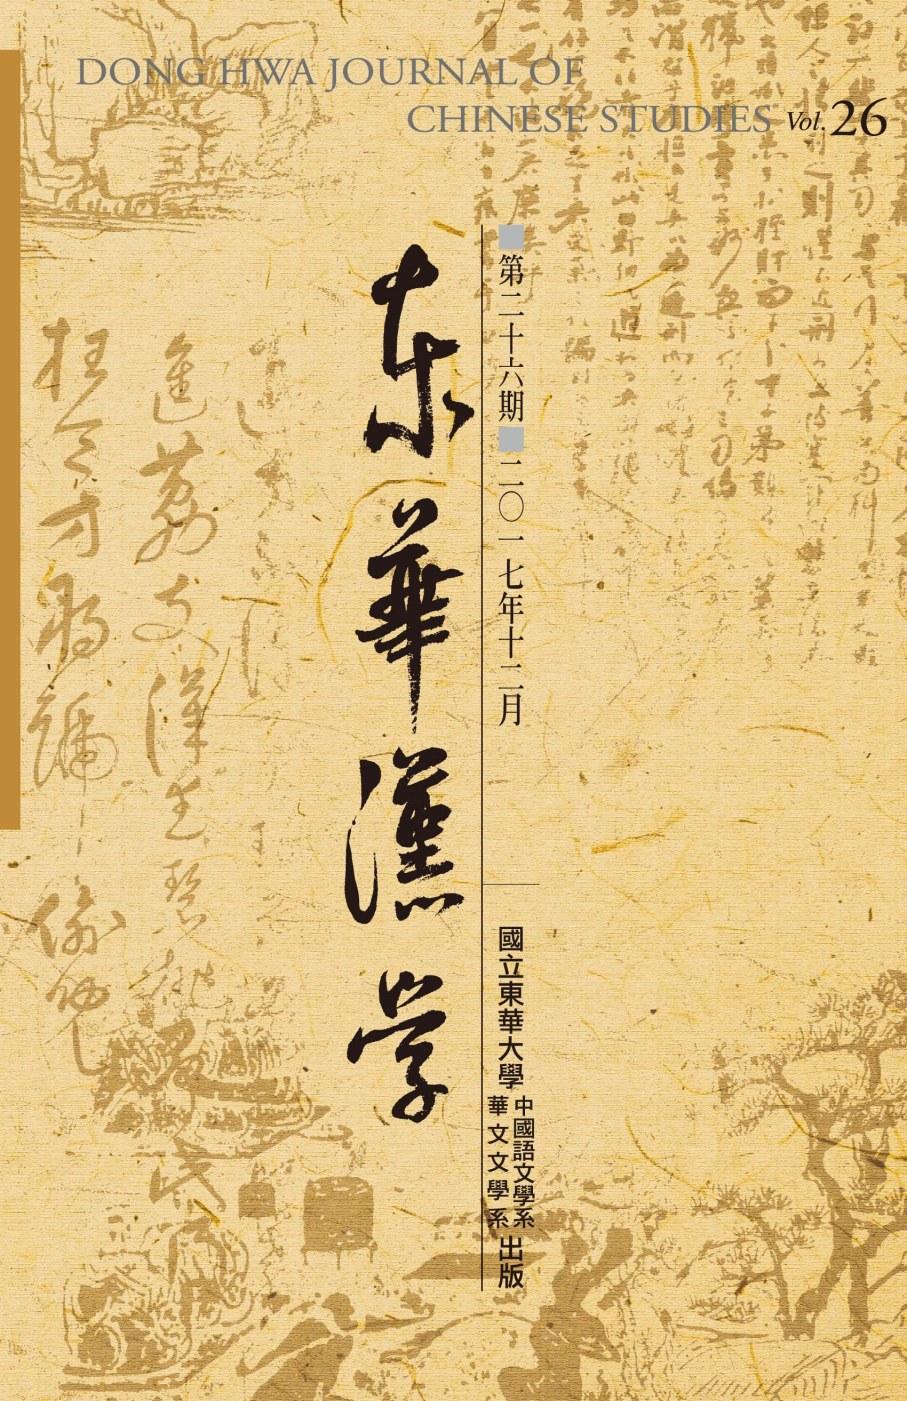 東華漢學第二十六期